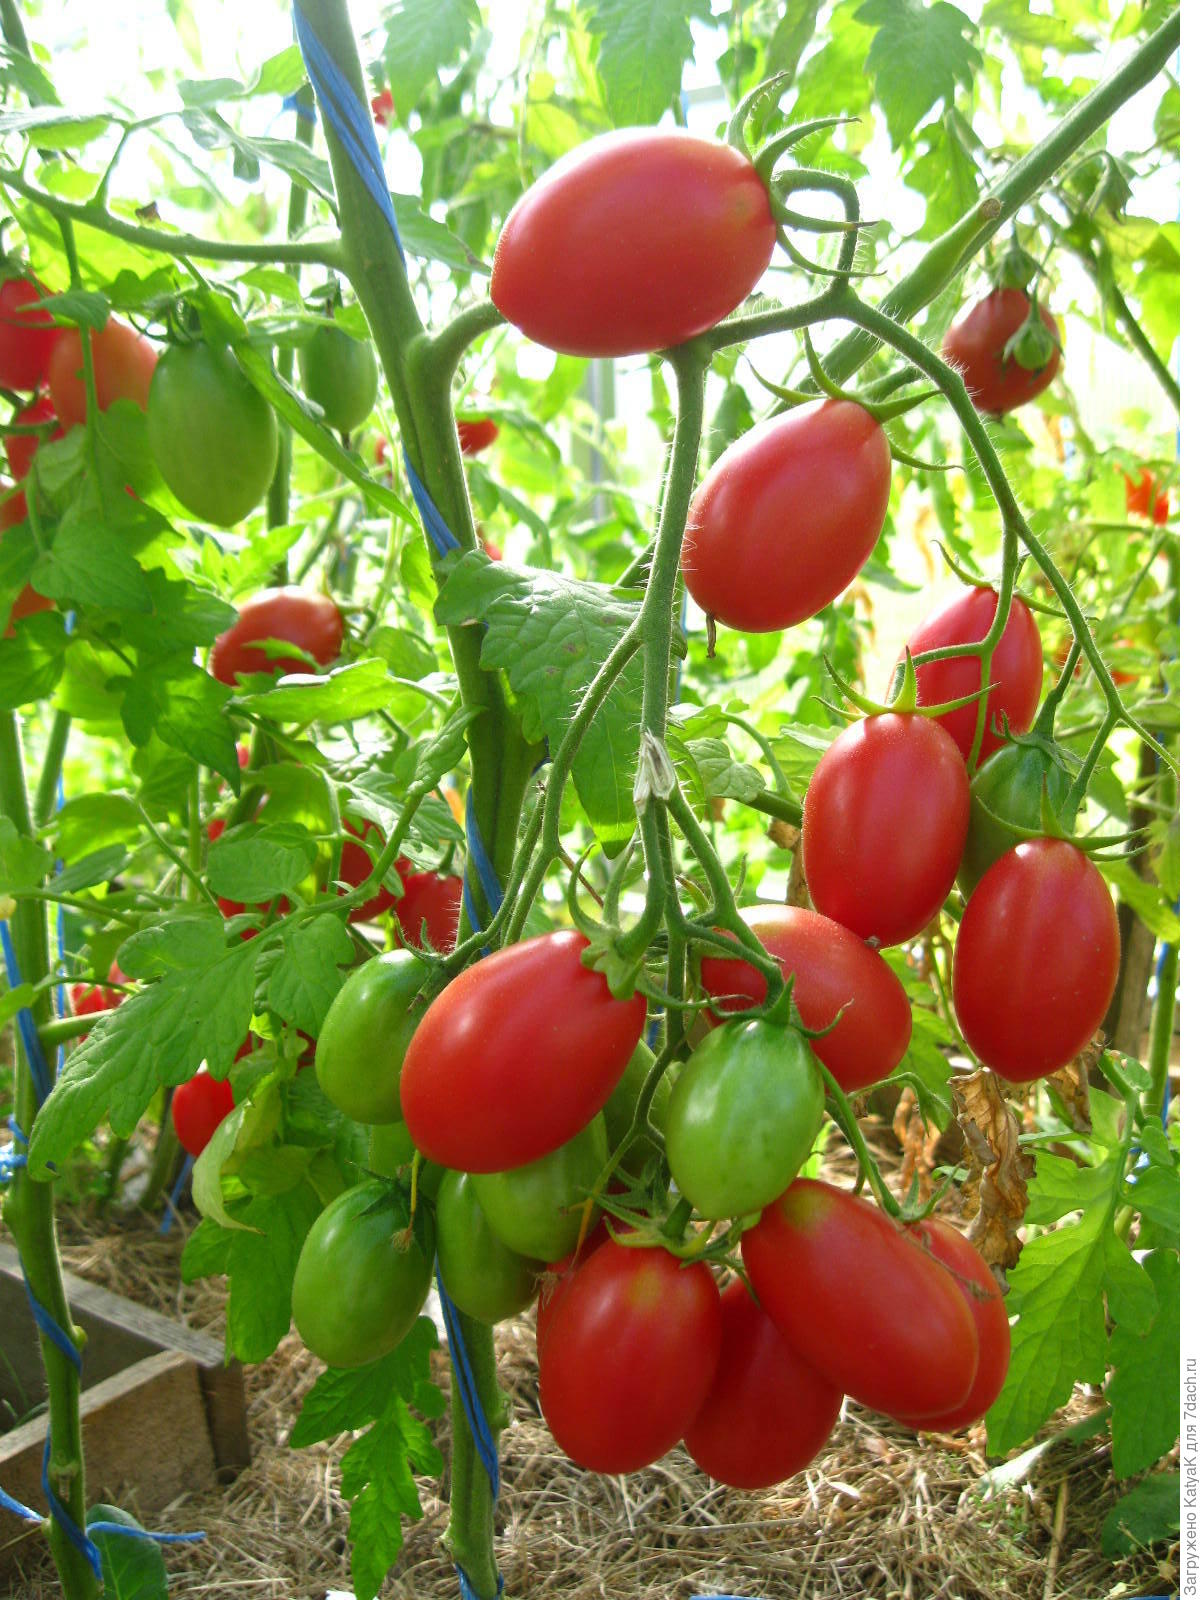 местом для томат чио чио сан отзывы фото кто сажал можете снимать